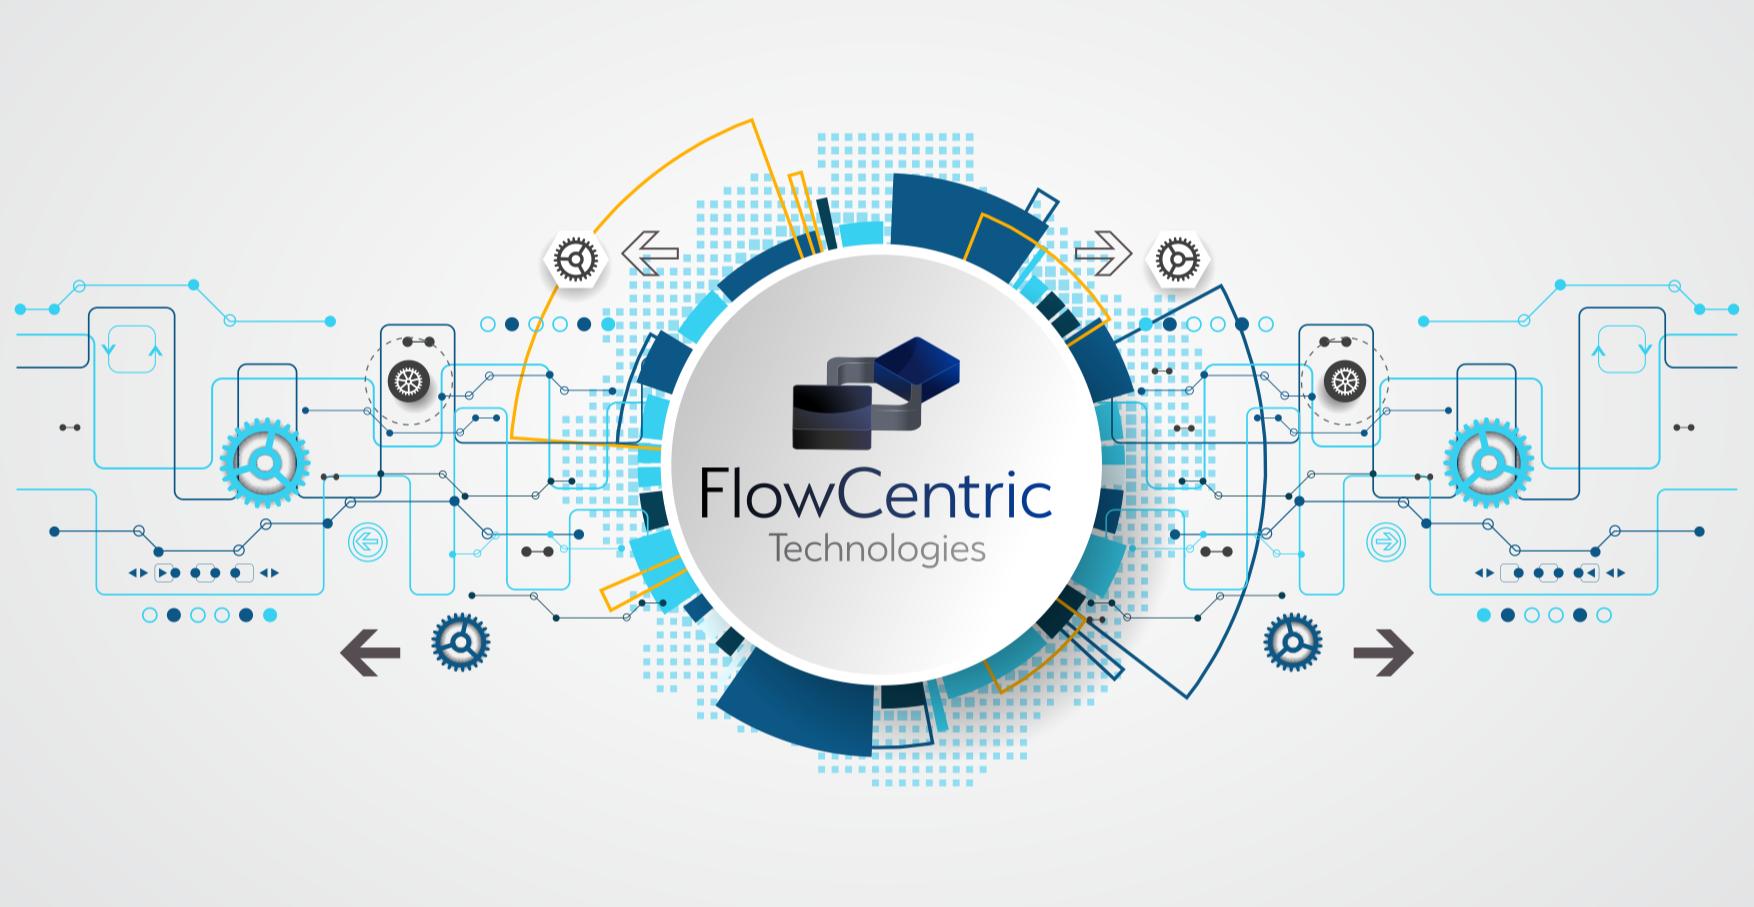 FlowCentric Technologies Announces Global Partner Award Winners